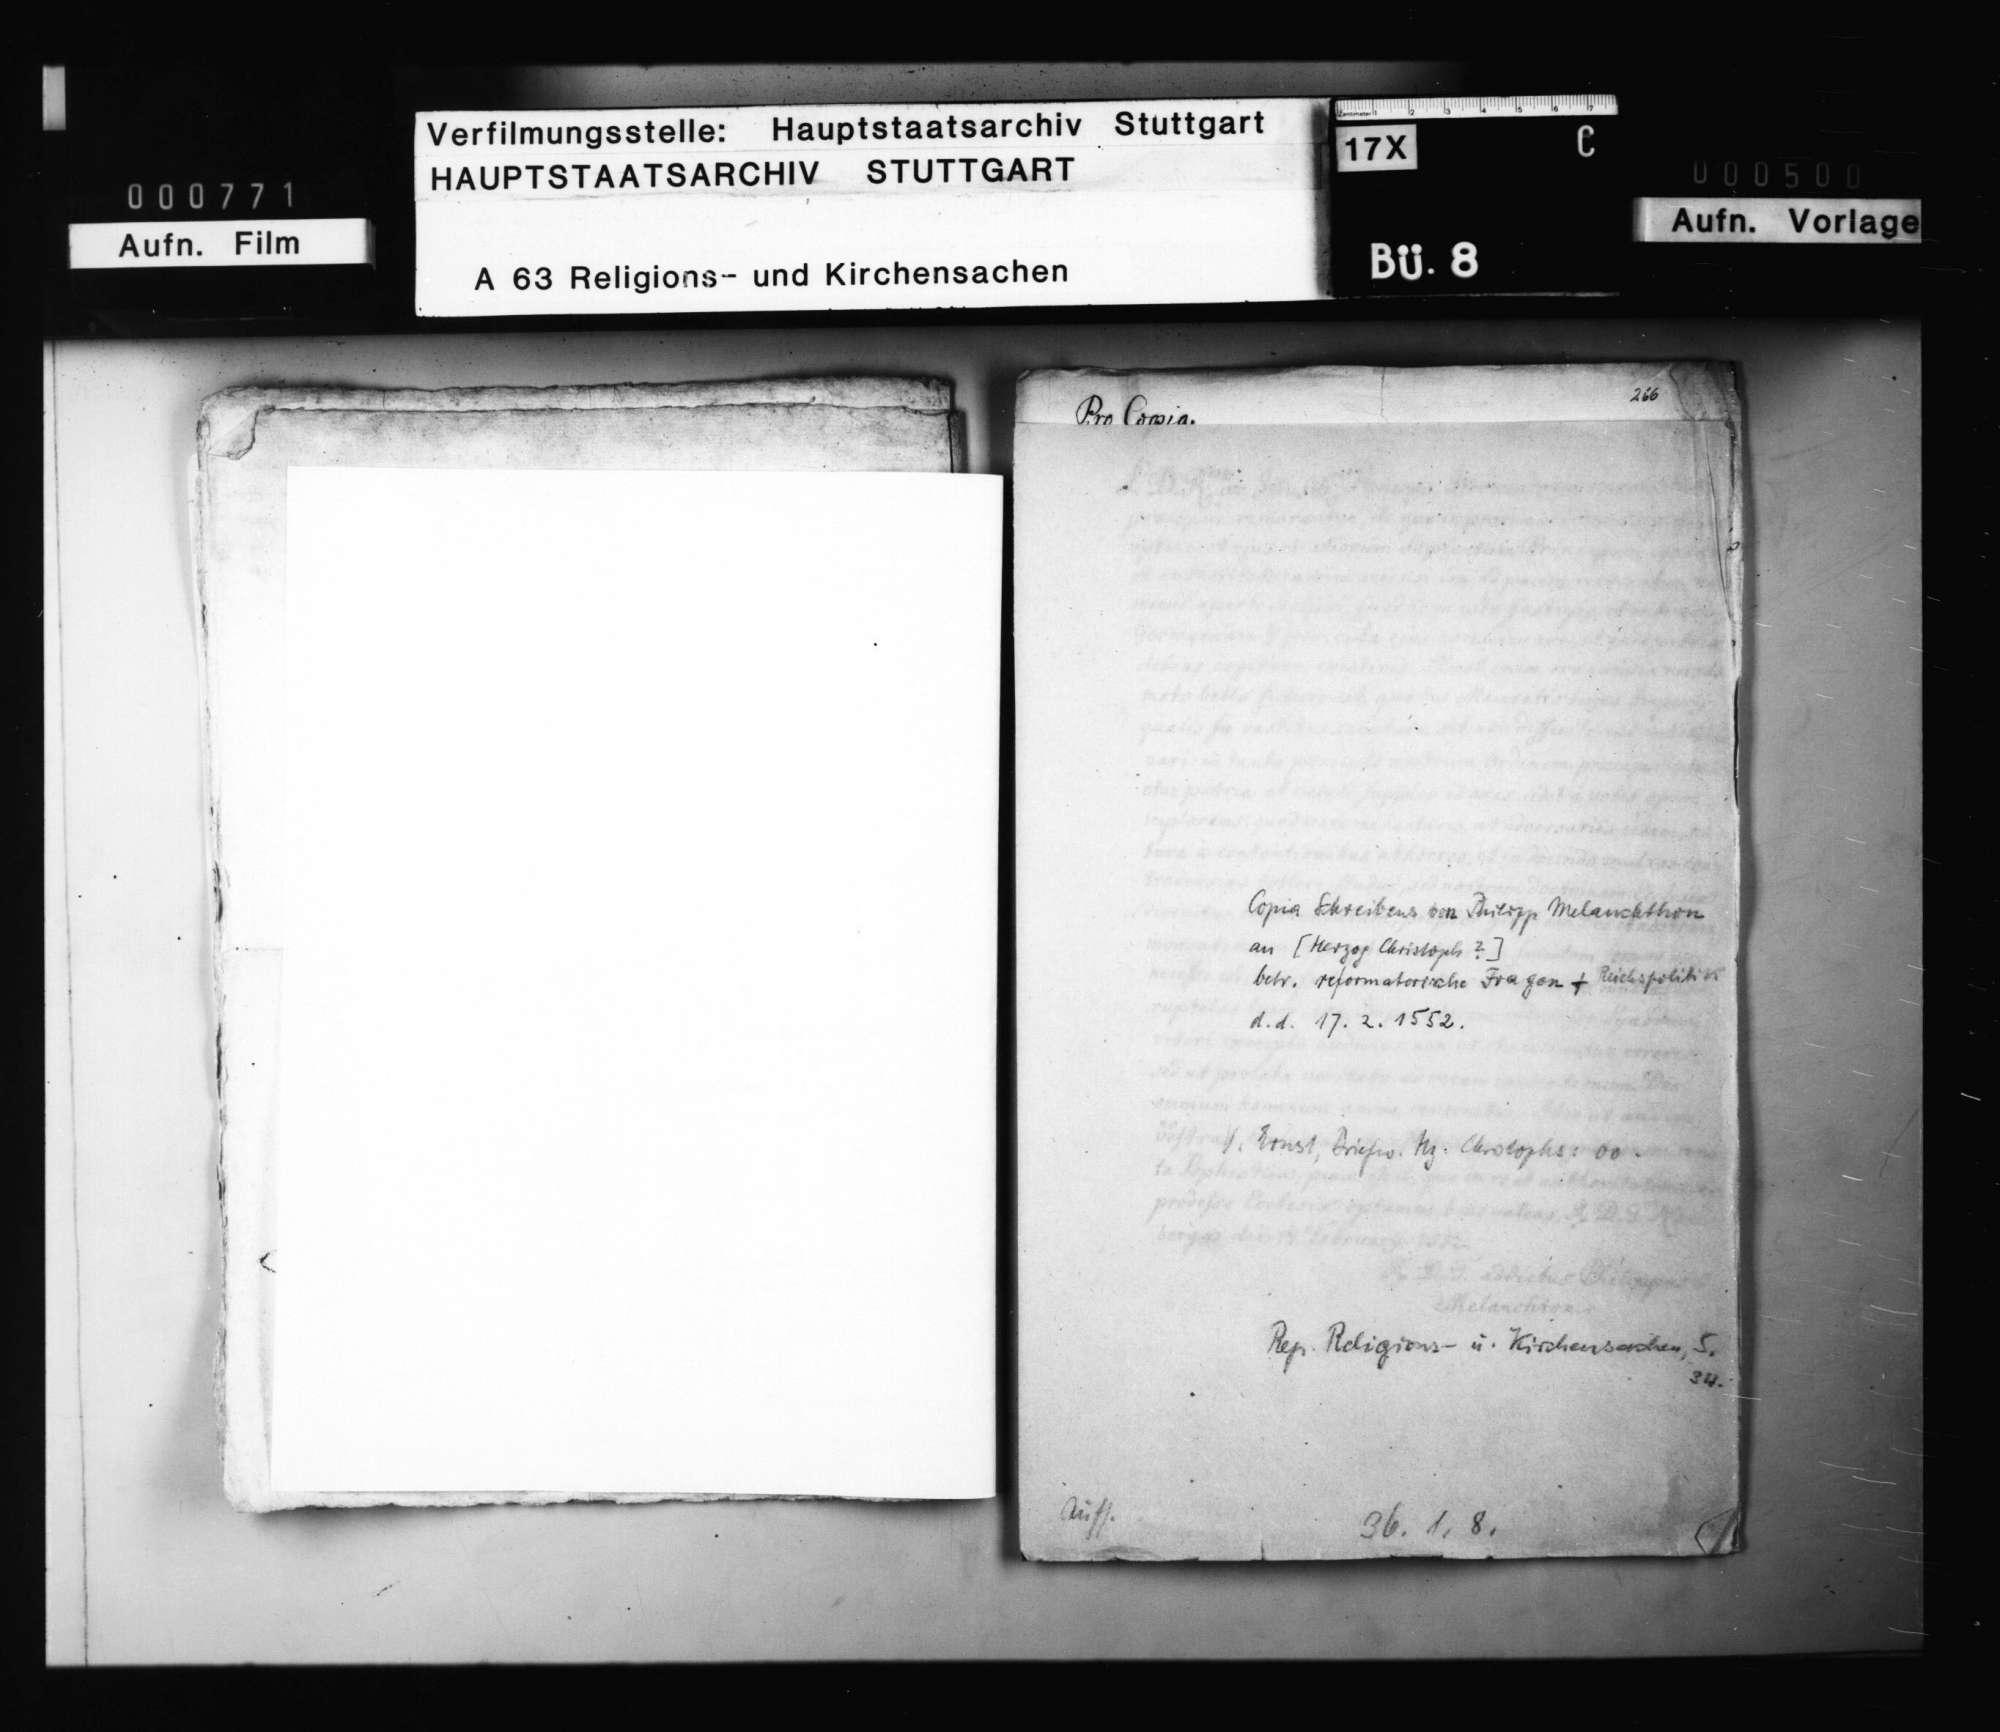 Rundschreiben von Philipp Melanchthon [an die Reichsfürsten], betreffend reformatorische und reichspolitische Fragen. Nürnberg (Abschrift)., Bild 1